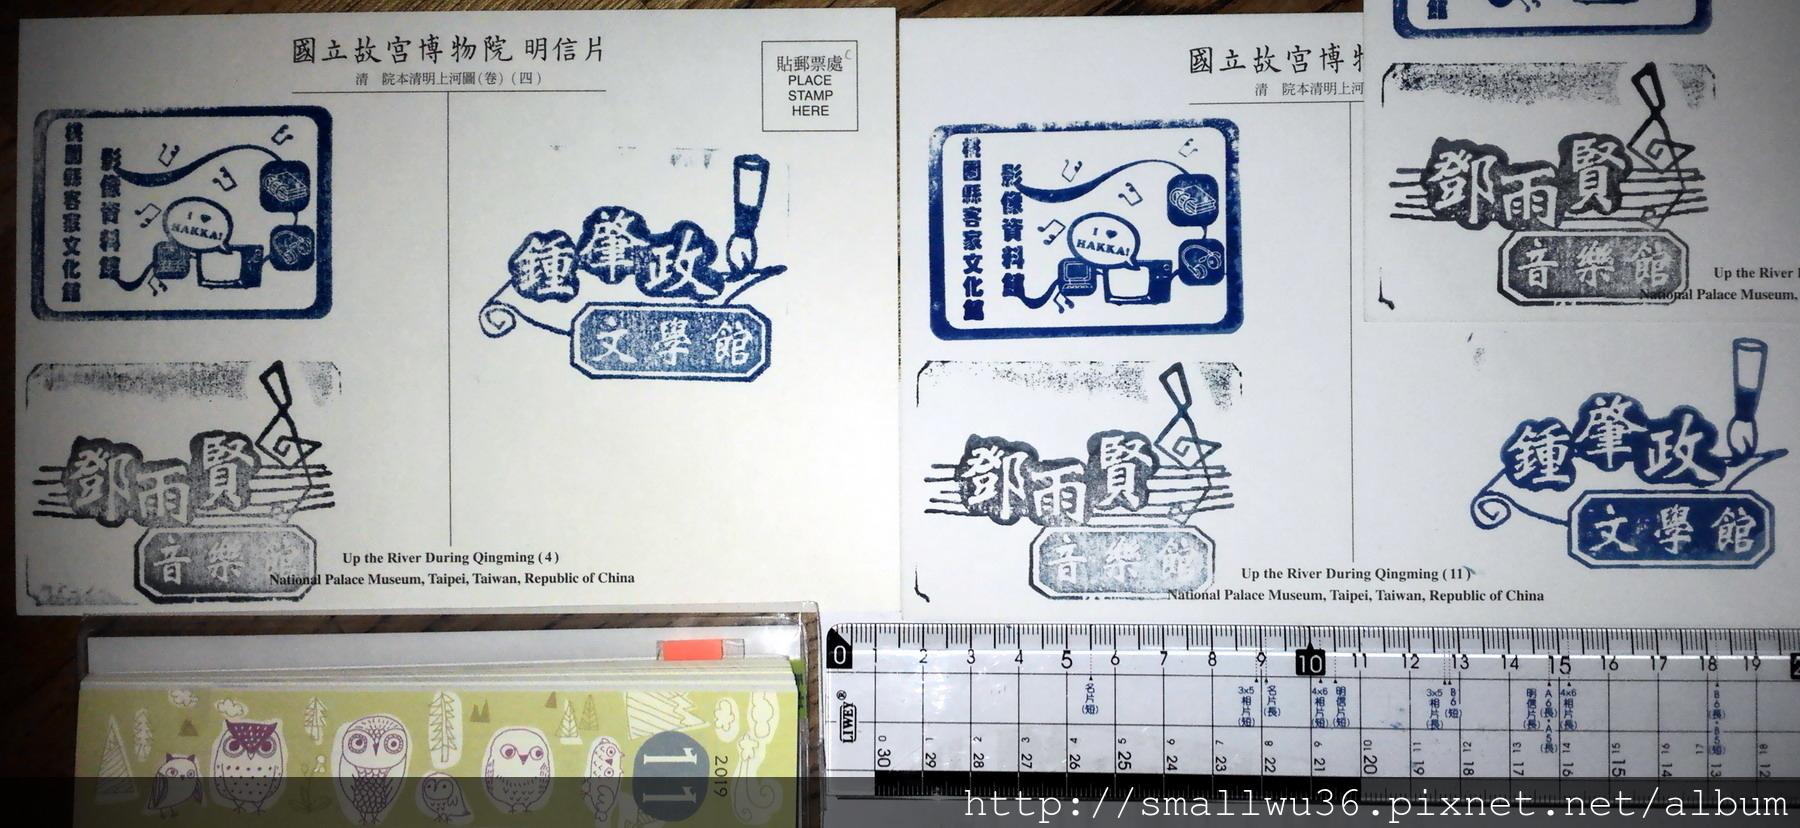 [集章]龍潭鄉-桃園客家文化館-002.jpg